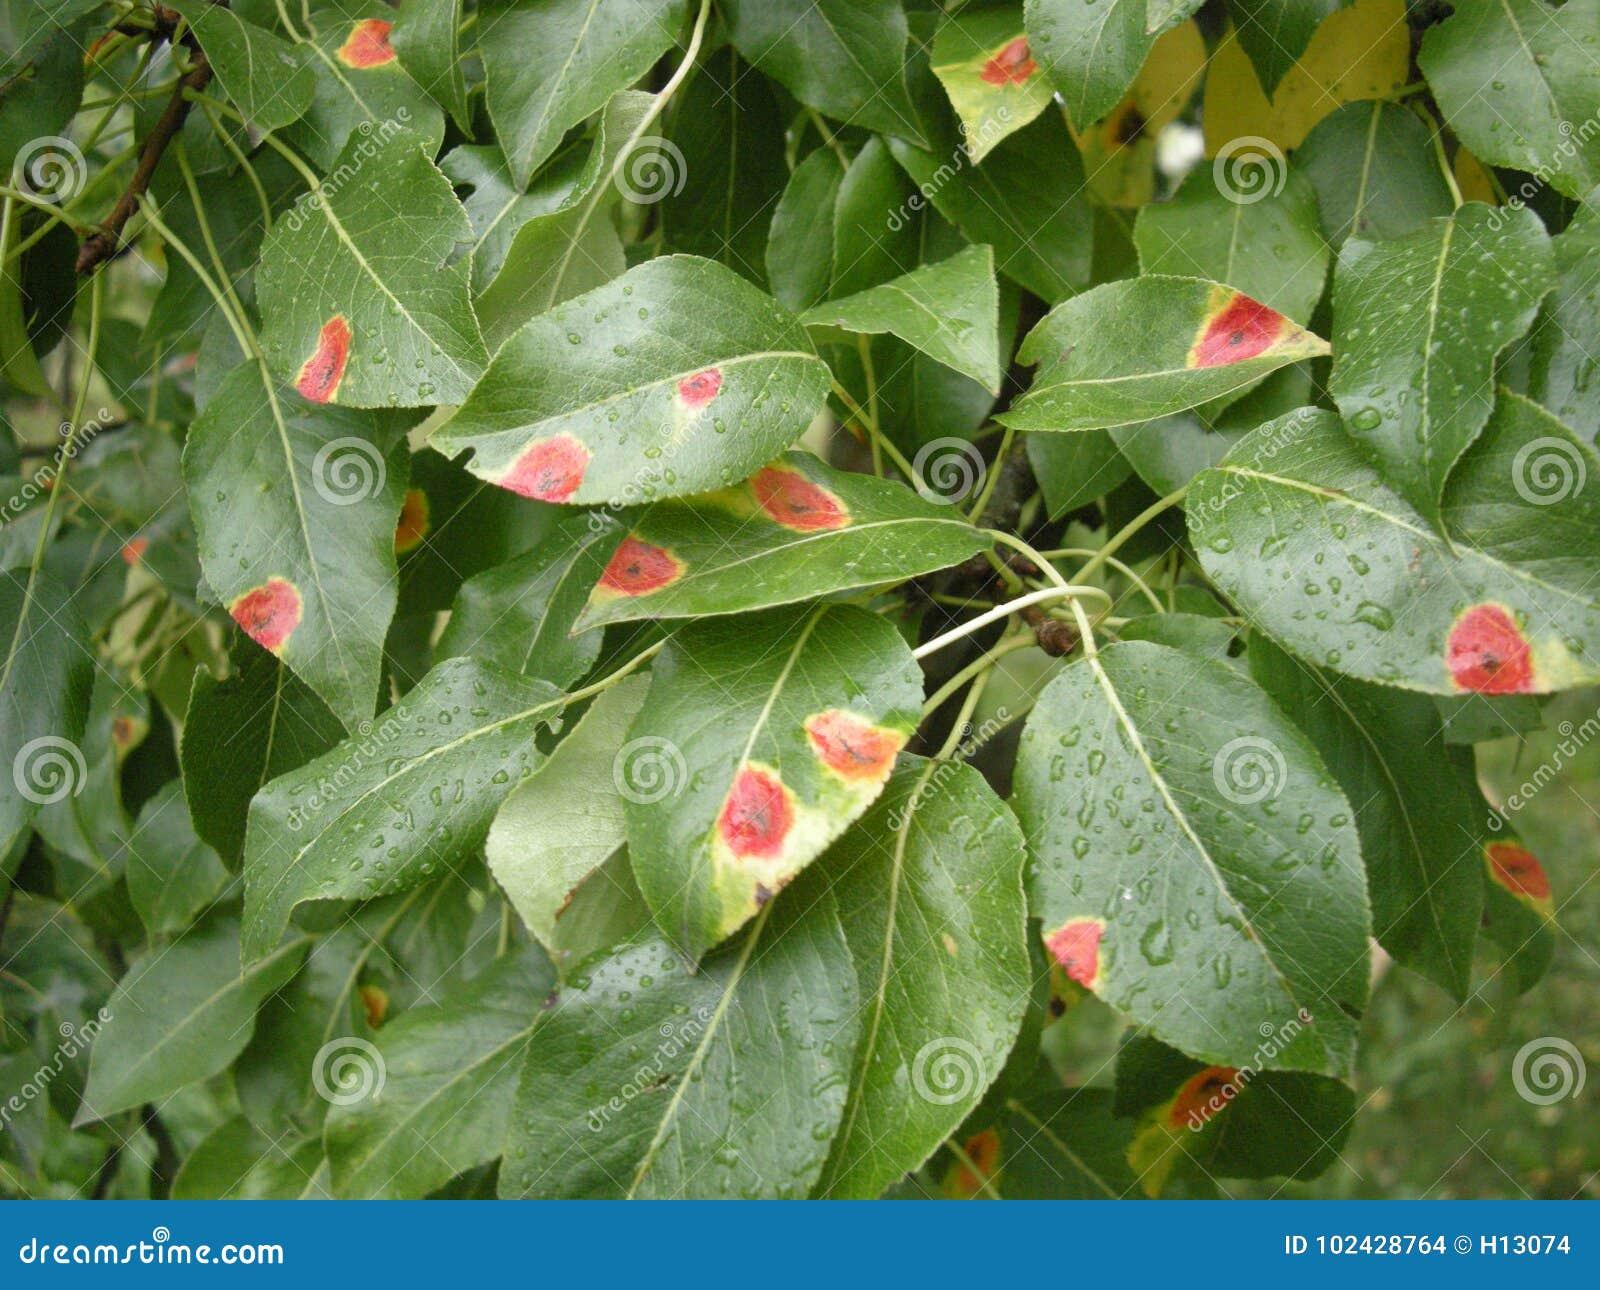 梨铁锈Gymnosporangium在洋梨树的sabinae疾病生叶